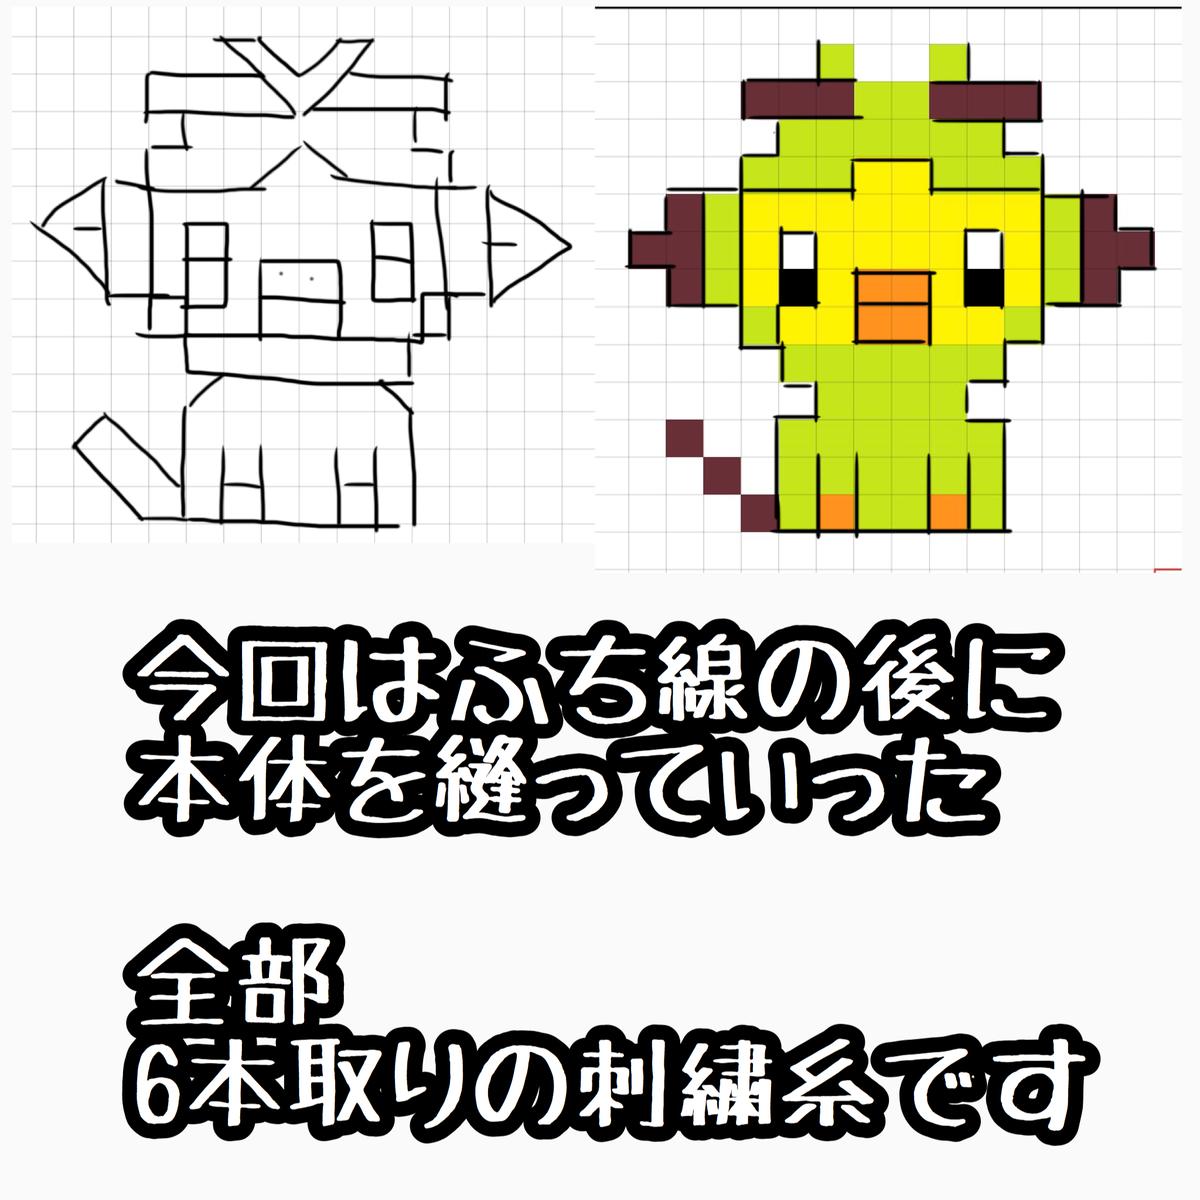 f:id:chochosandayo:20191216105326j:plain